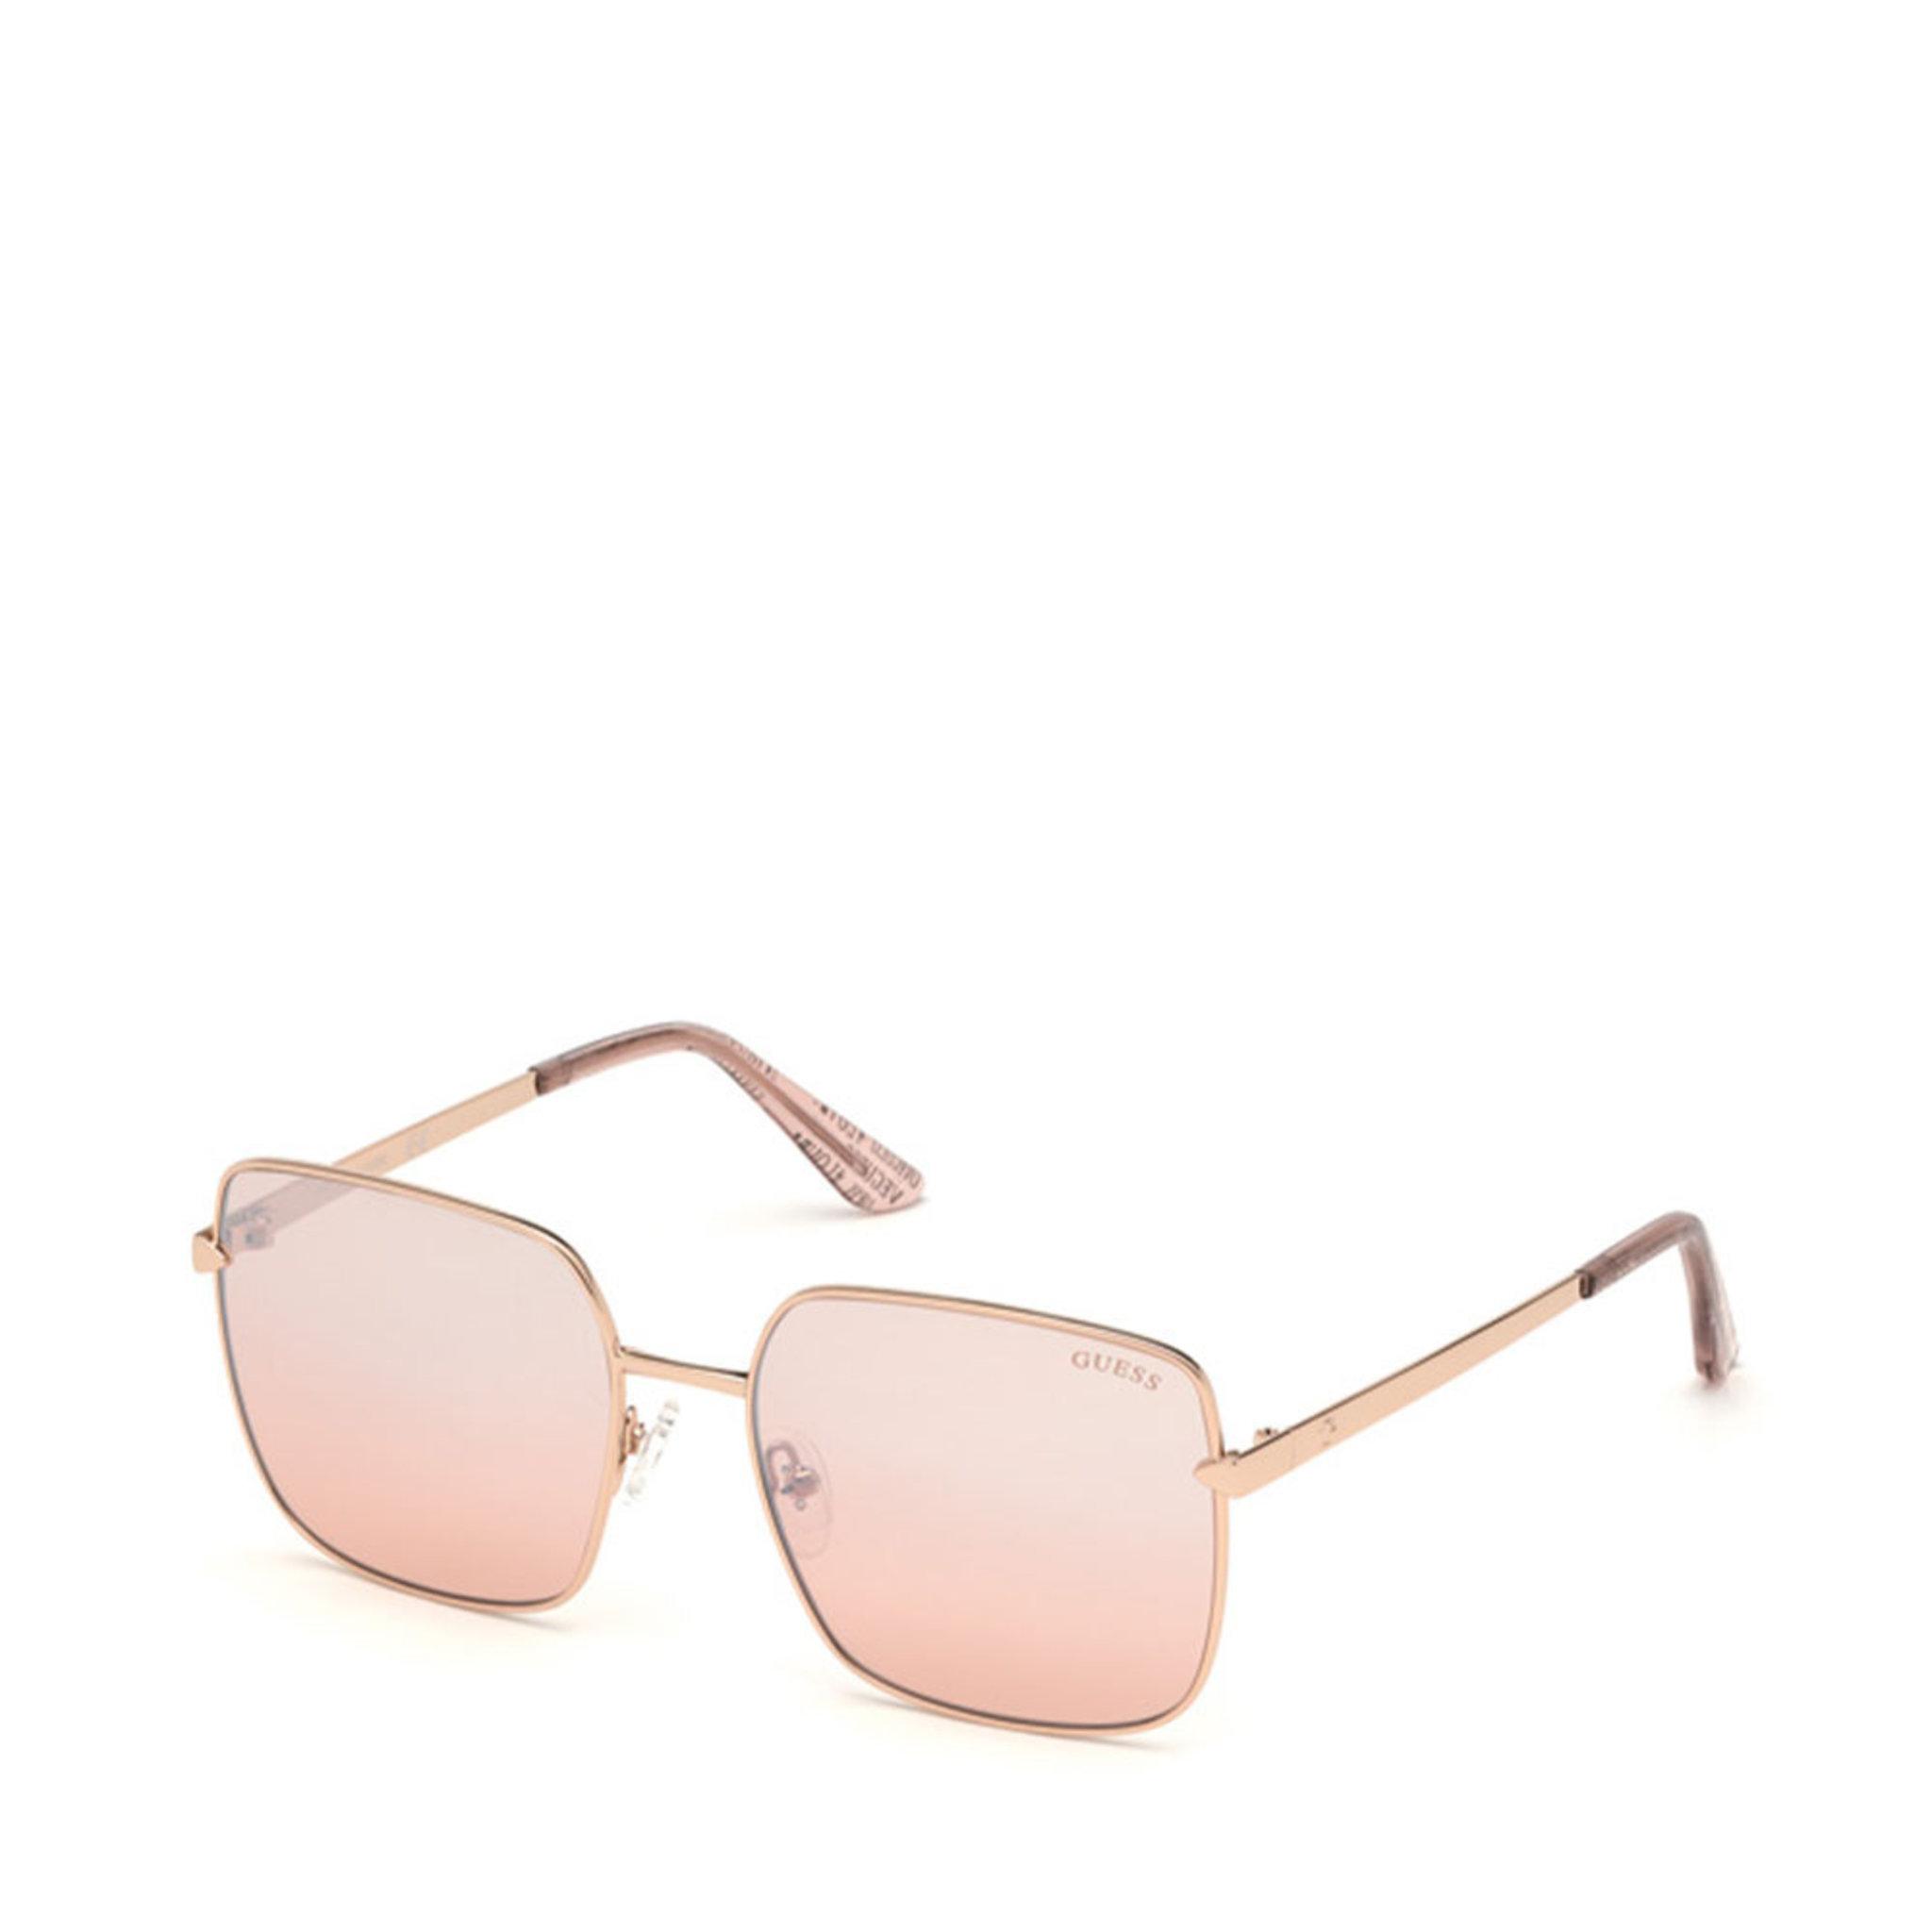 Sunglasses GU7615